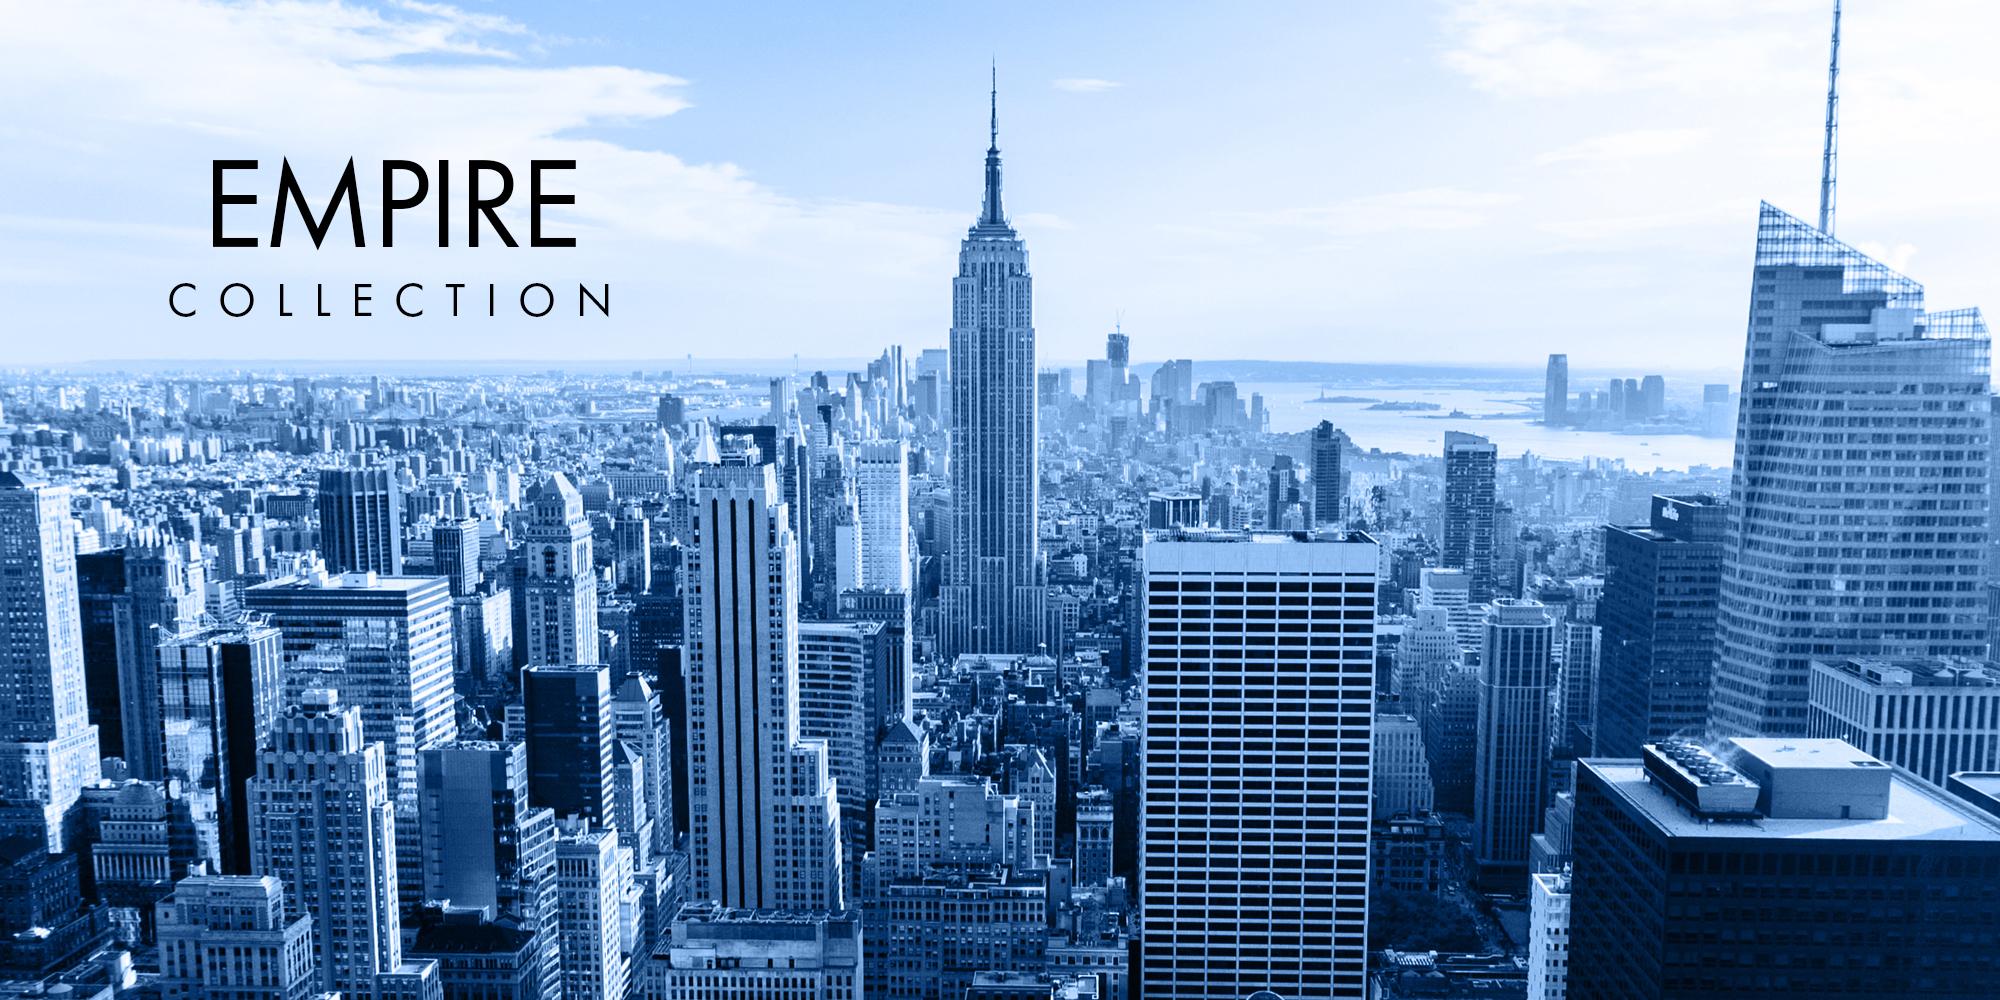 empire-banner-new.jpg